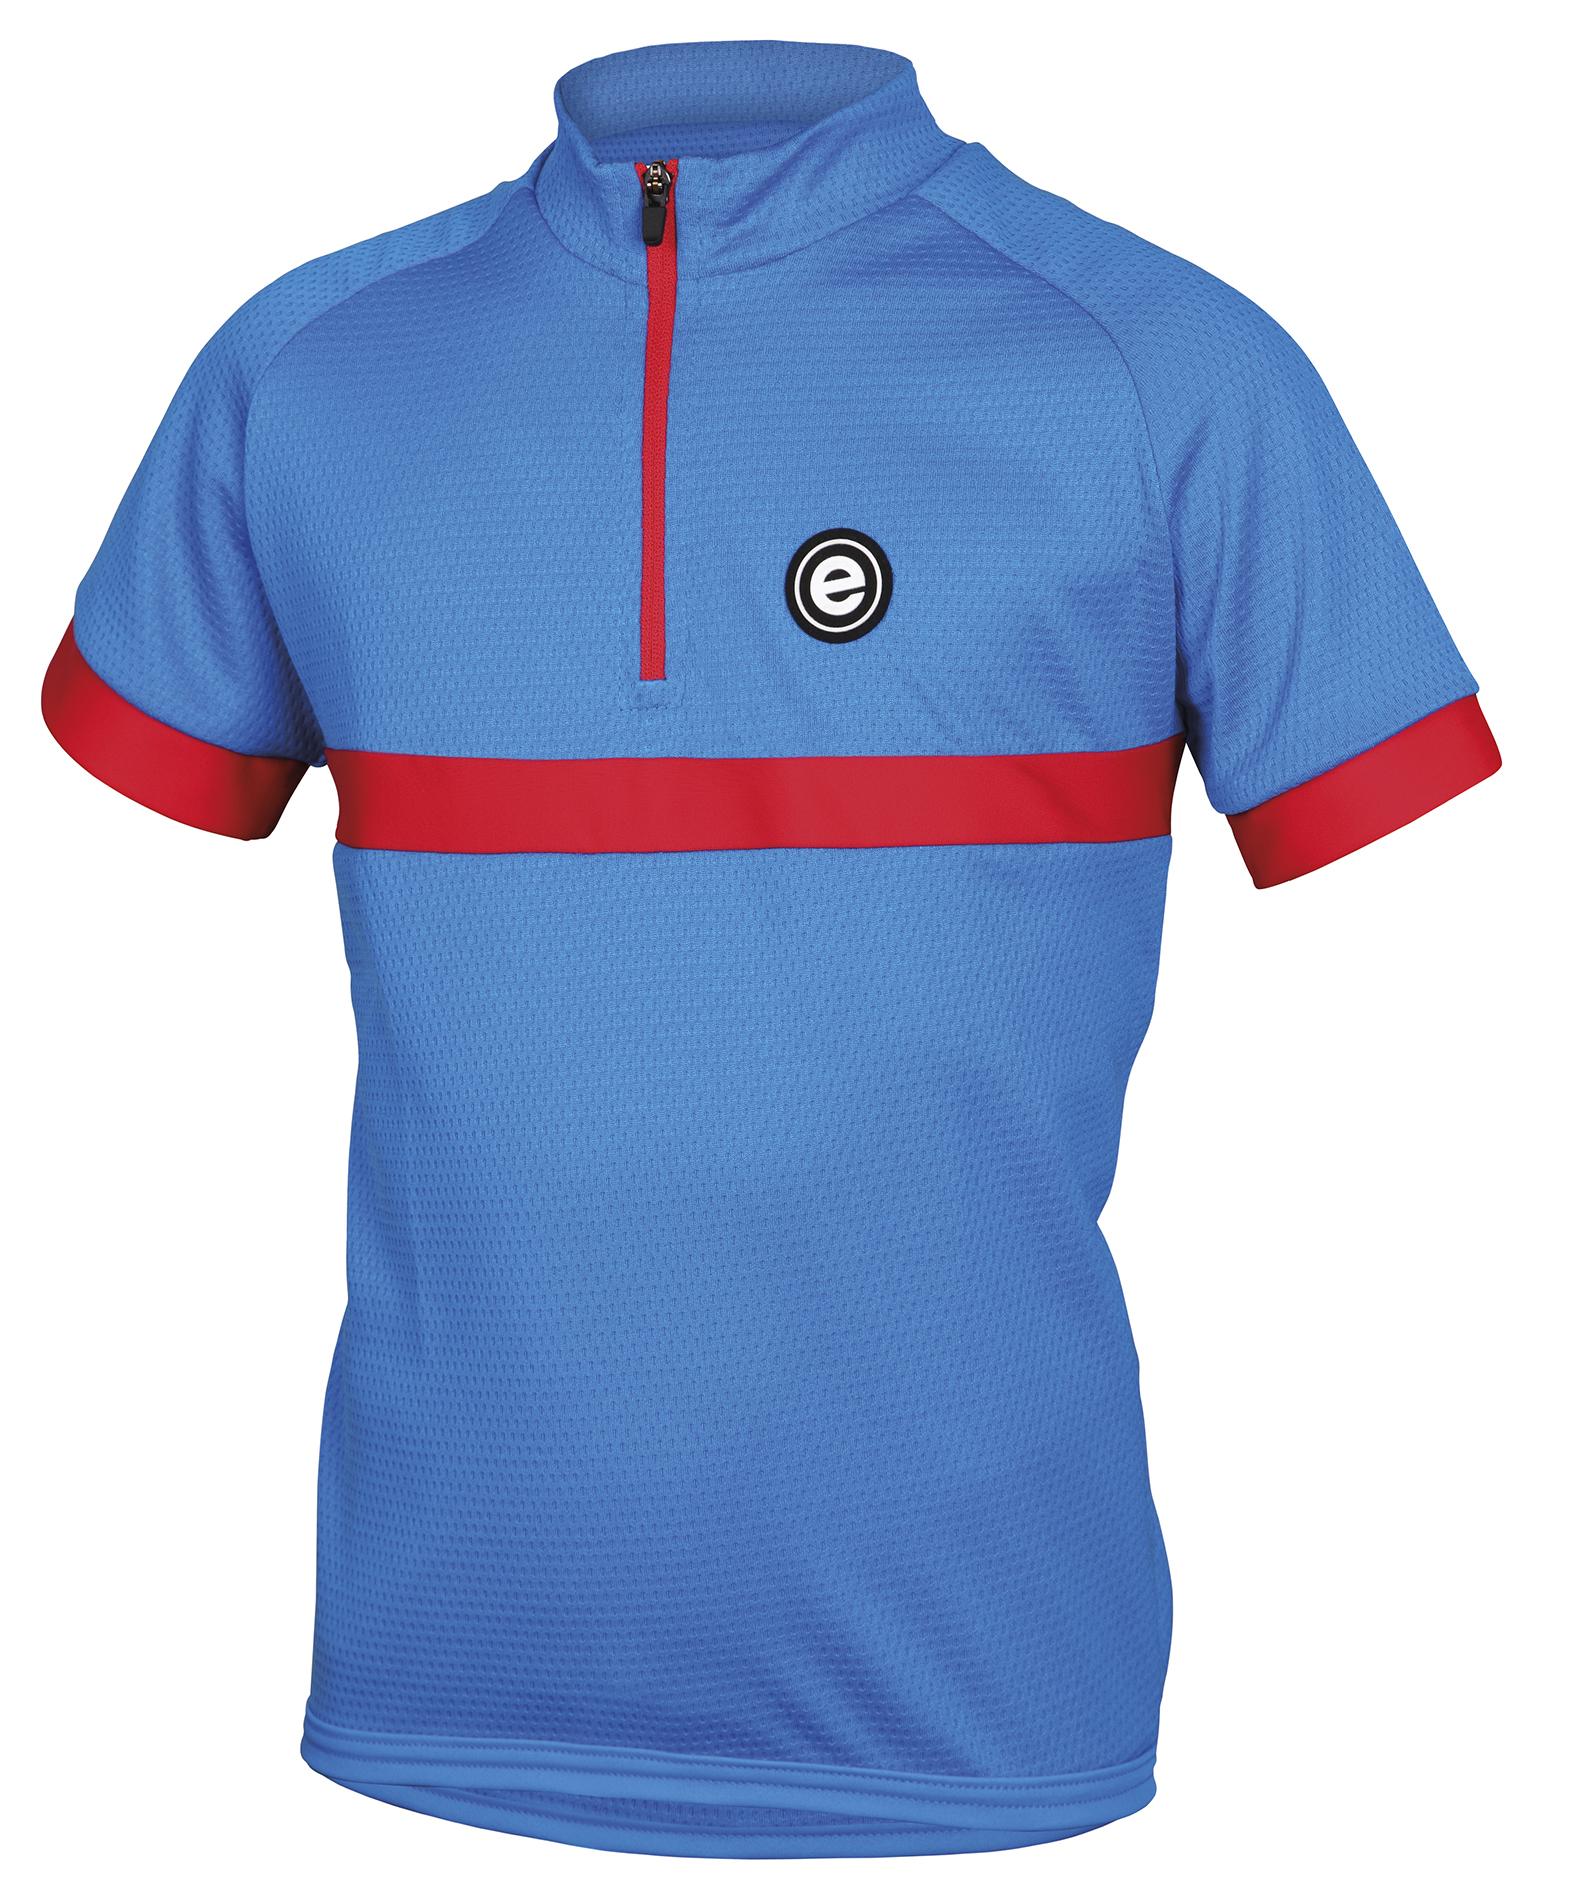 Dětský cyklistický dres ETAPE Bambino, 140/146, modrá/červená, model 2017 (Dětský dres Etape, přední zip)